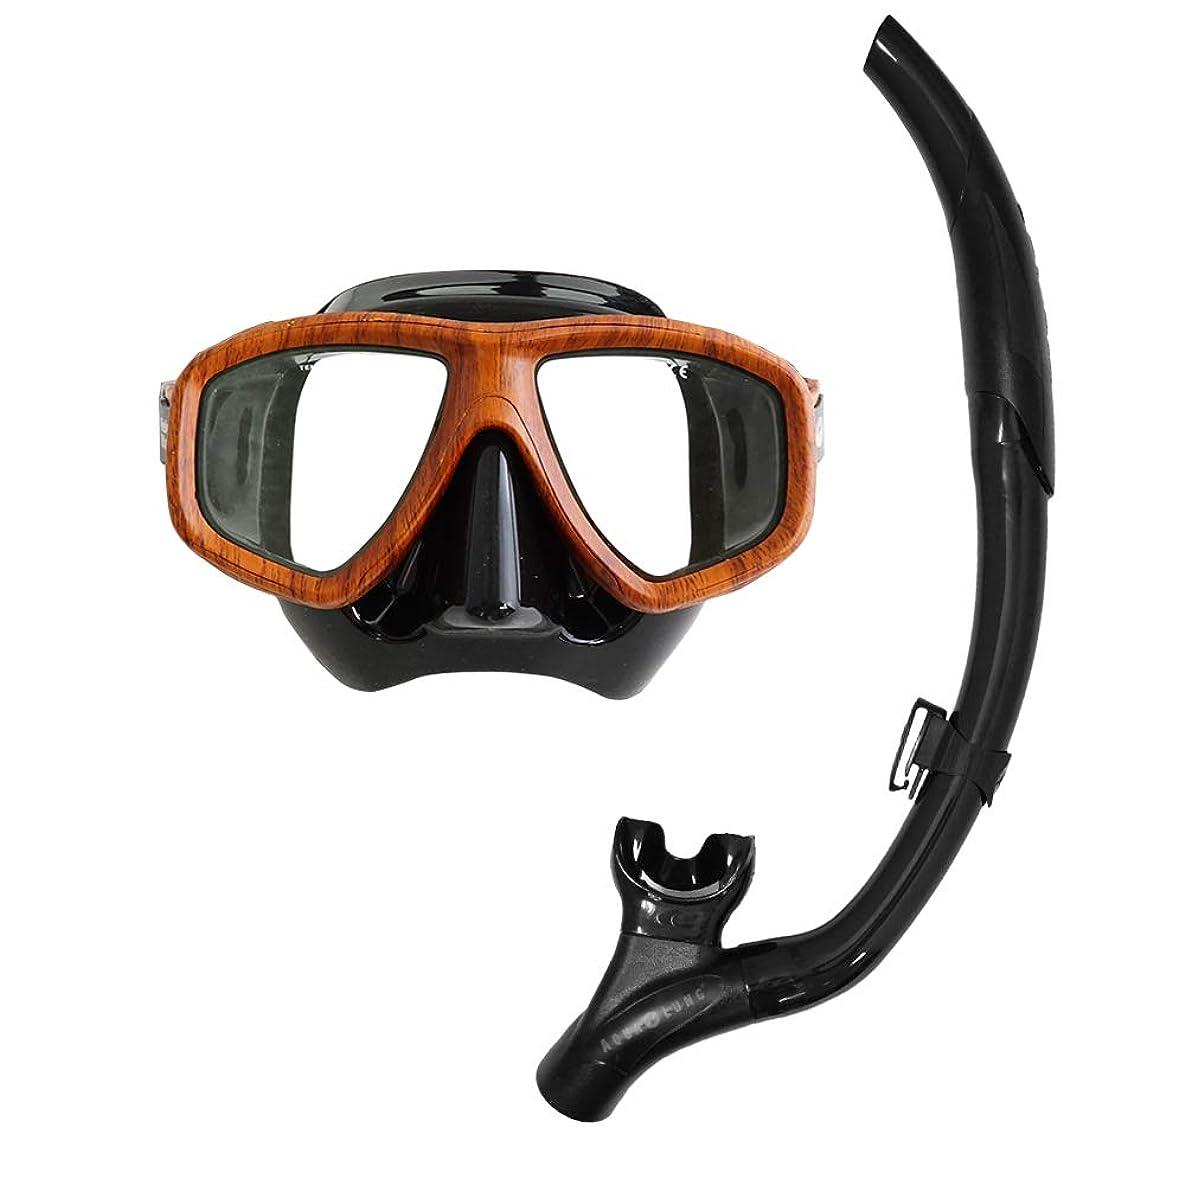 項目ボートラジウムスキューバダイビング マスク シュノーケル セット ダイビング 軽器材 2点セット AQUALUNG アクアラング スノーケル 付 軽器材セット 【moana2-imp3nf】